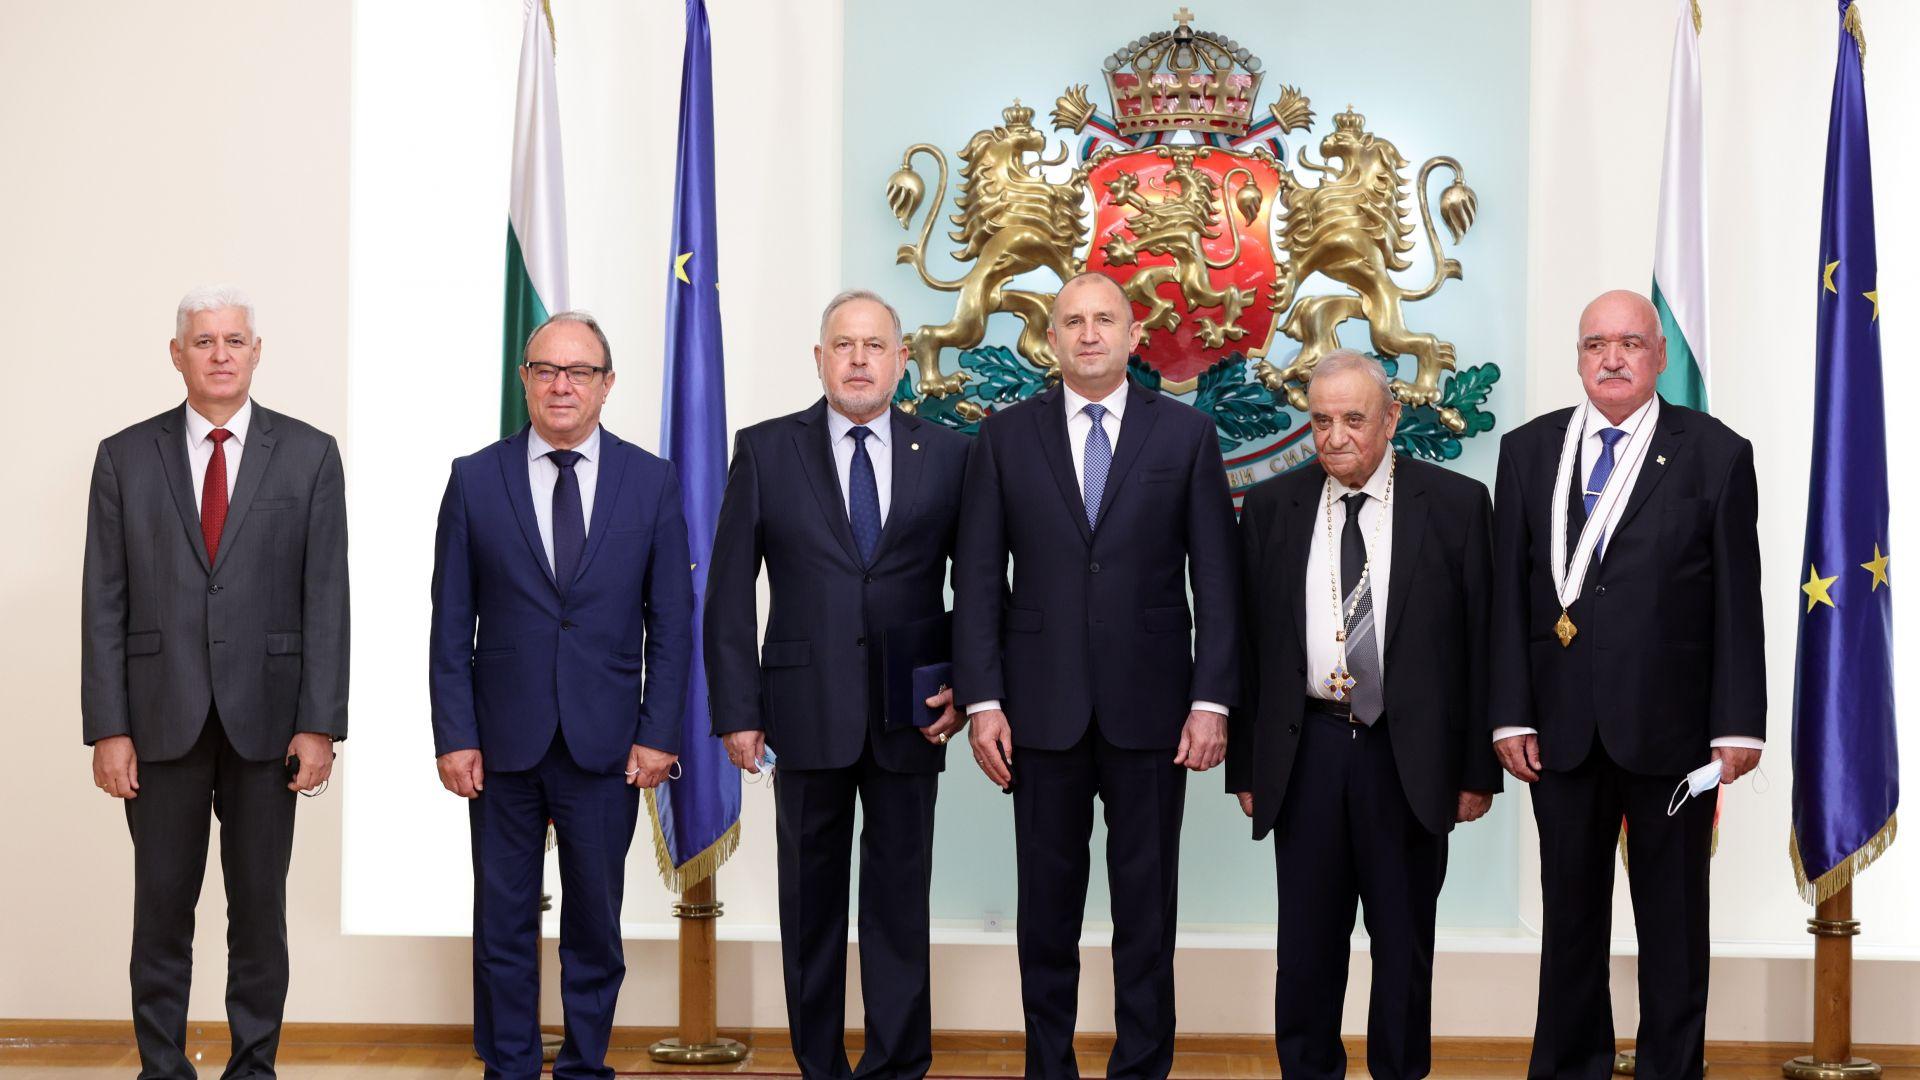 Президентът раздаде отличия за заслуги в медицината, ИТ и отбраната (снимки)